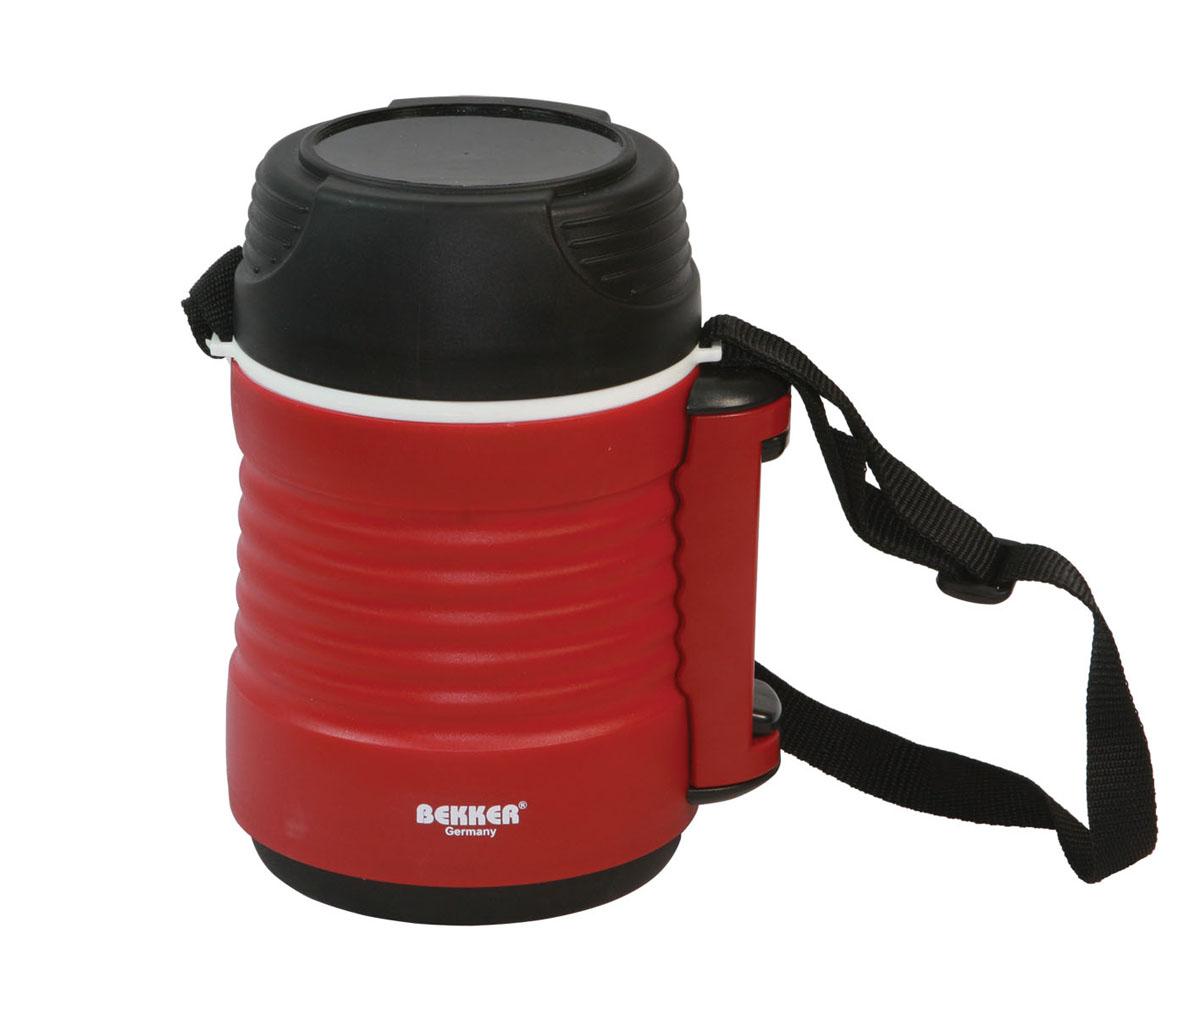 Термоконтейнер Bekker, цвет: красный, 1,2 лBK-4315Удобный термоконтейнер Bekker предназначен для транспортировки и хранения первых и вторых блюд. Благодаря наличию двух дополнительных контейнеров возможно совмещать сразу несколько блюд. Термоконтейнер выполнен из пластика и нержавеющей стали, дополнительные контейнеры изготовлены из пластика. На основном контейнере расположен ремень для более удобной переноски.Характеристики: Материал: нержавеющая сталь, пластик. Размер термокружки: 16 см х 12 см х 22 см. Размер среднего контейнера: 10 см х 10 см х 10 см. Размер маленького контейнера: 10 см х 10 см х 5 см. Объем термокружки: 1,2 л. Объем среднего контейнера: 600 мл. Объем маленького контейнера: 260 мл. Размер упаковки: 15 см х 14 см х 22 см. Артикул: 20432.